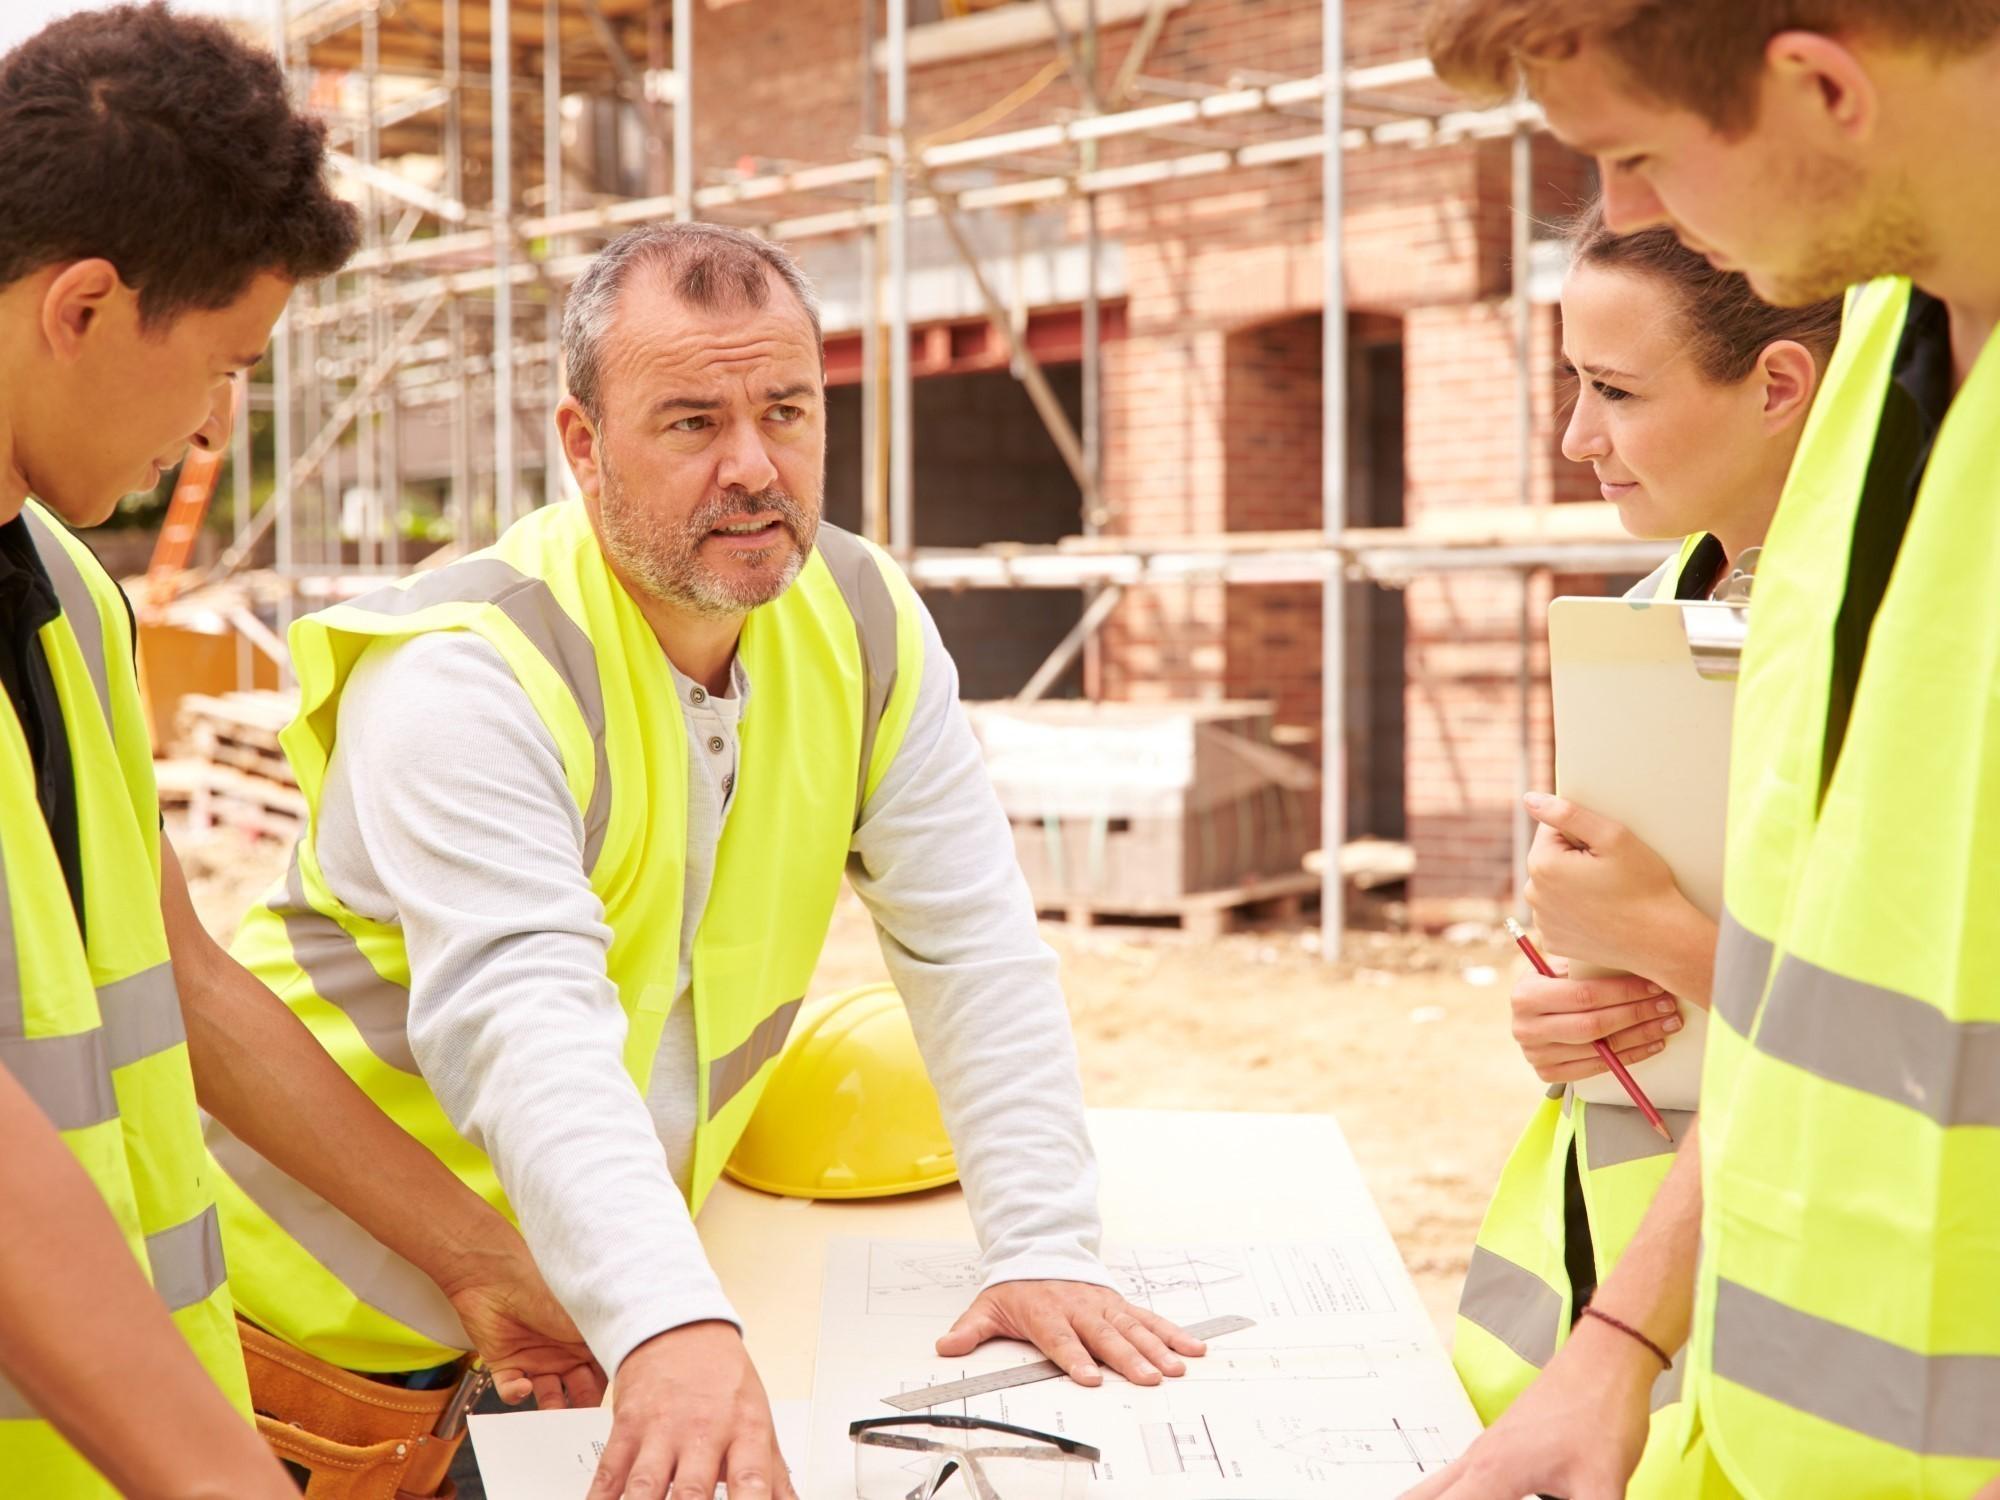 materiały budowlane wzrost cen